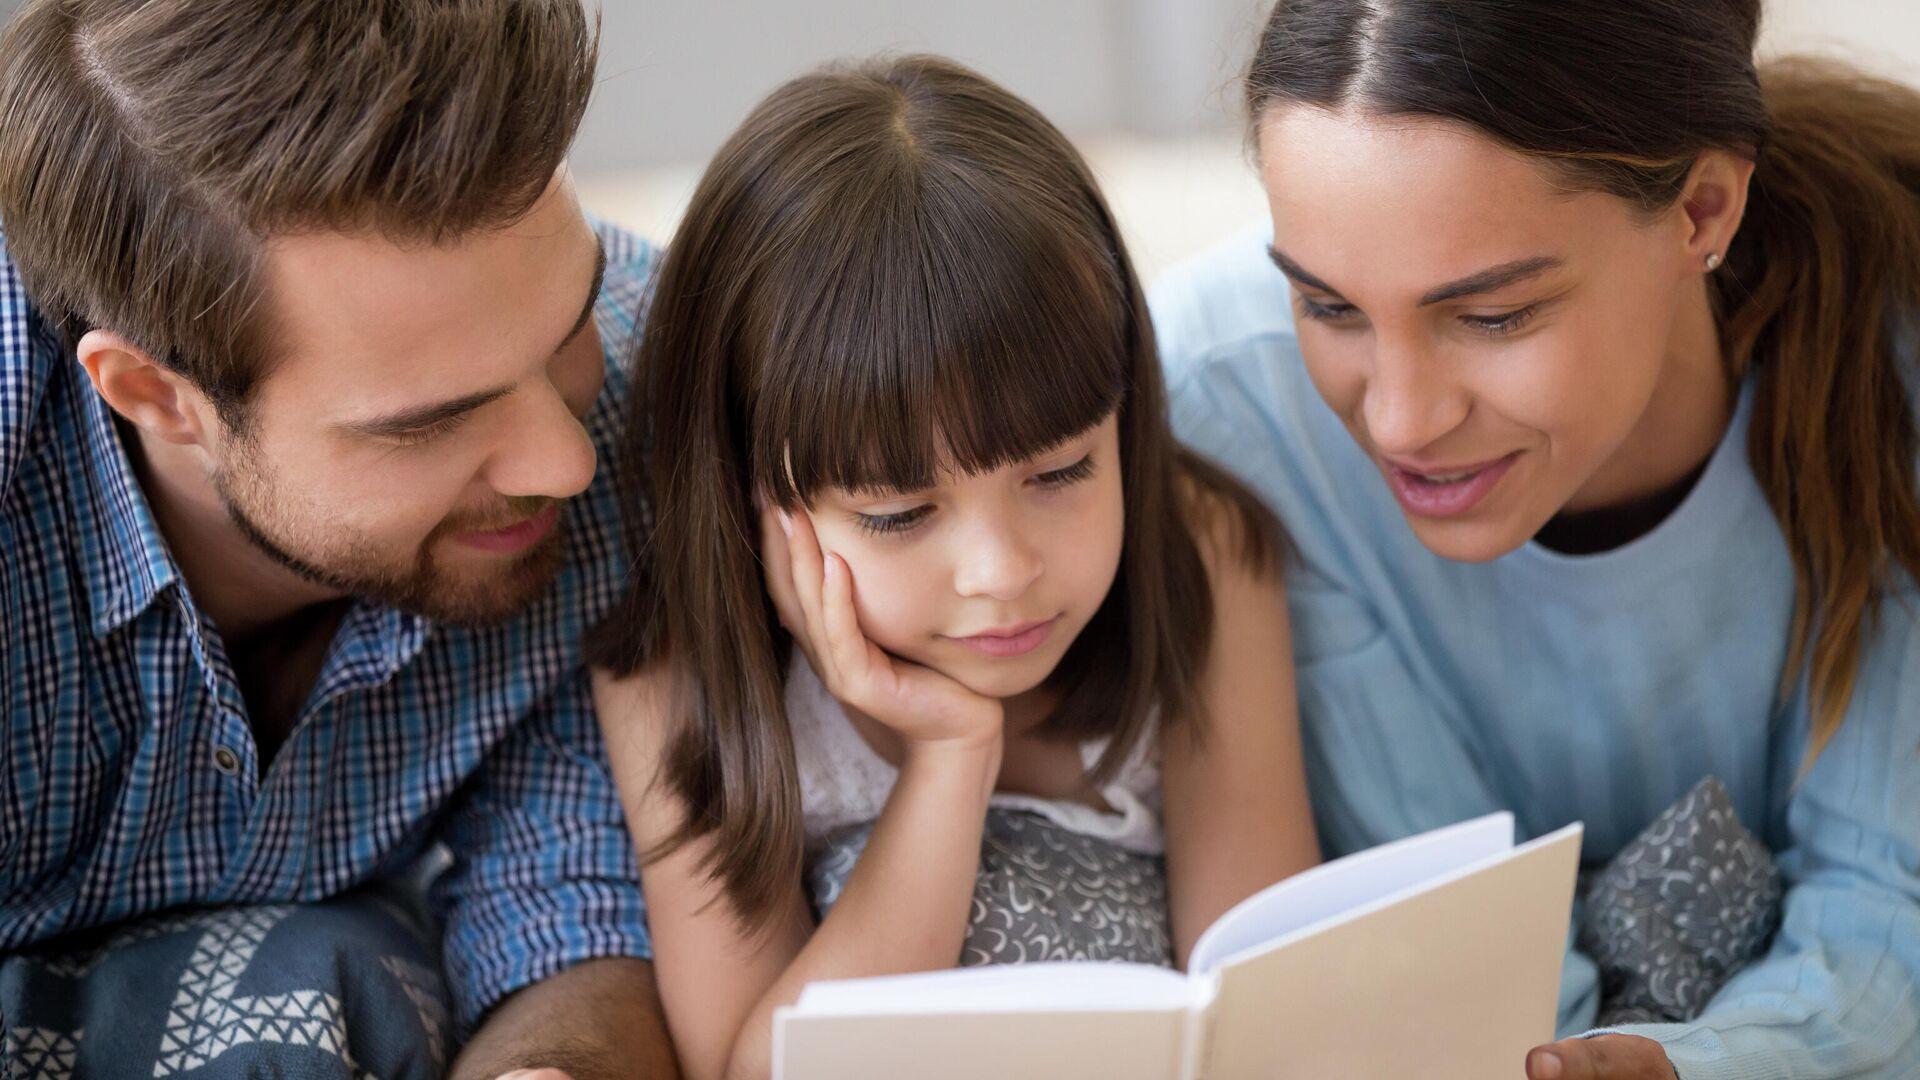 Родители с дочерью, читающей книгу - РИА Новости, 1920, 27.04.2021